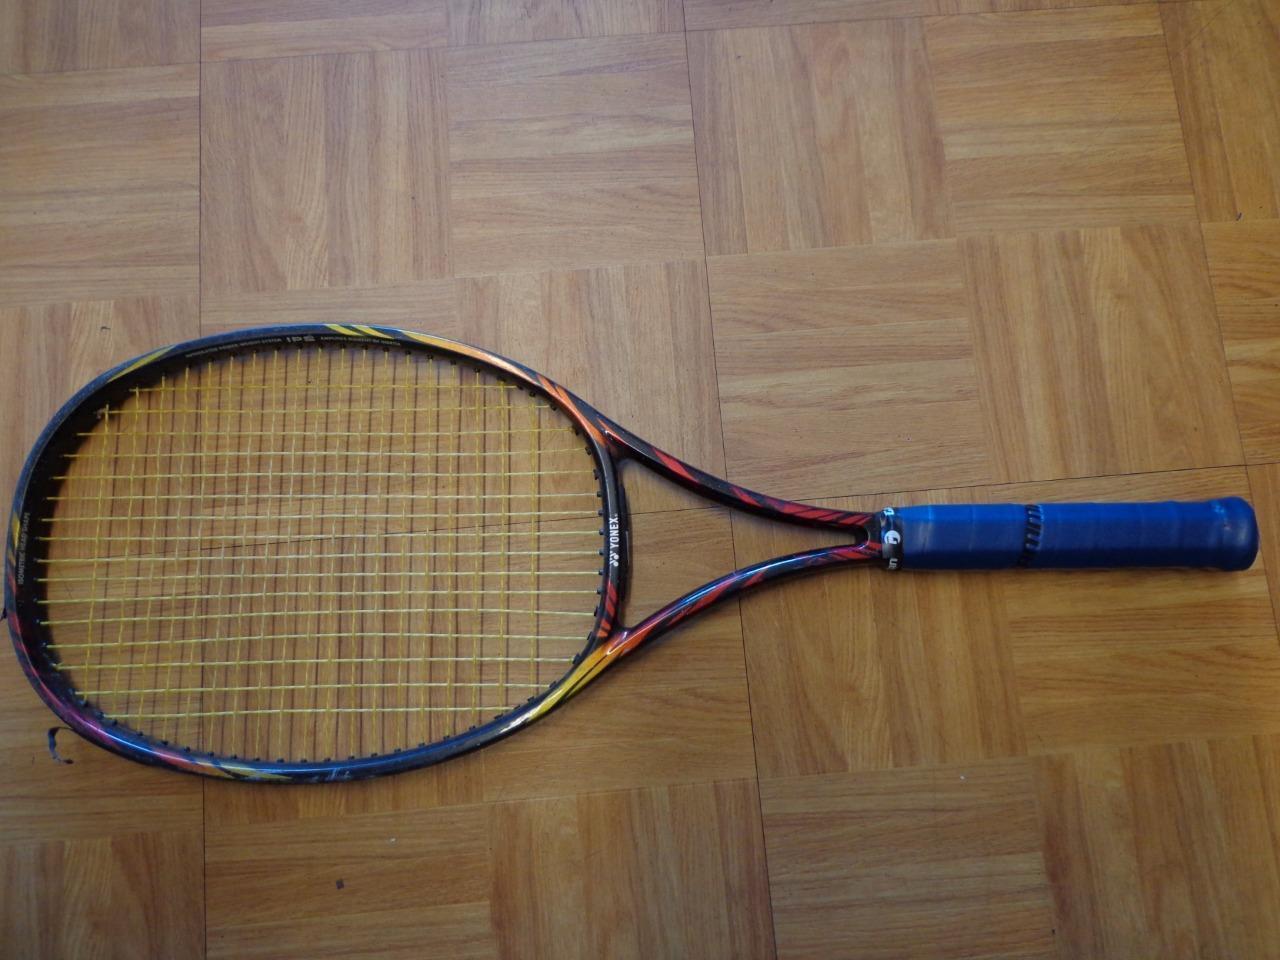 Yonex Yonex Yonex RD-7 Spin 95 head 4 5/8 grip Tennis Racquet e0955e